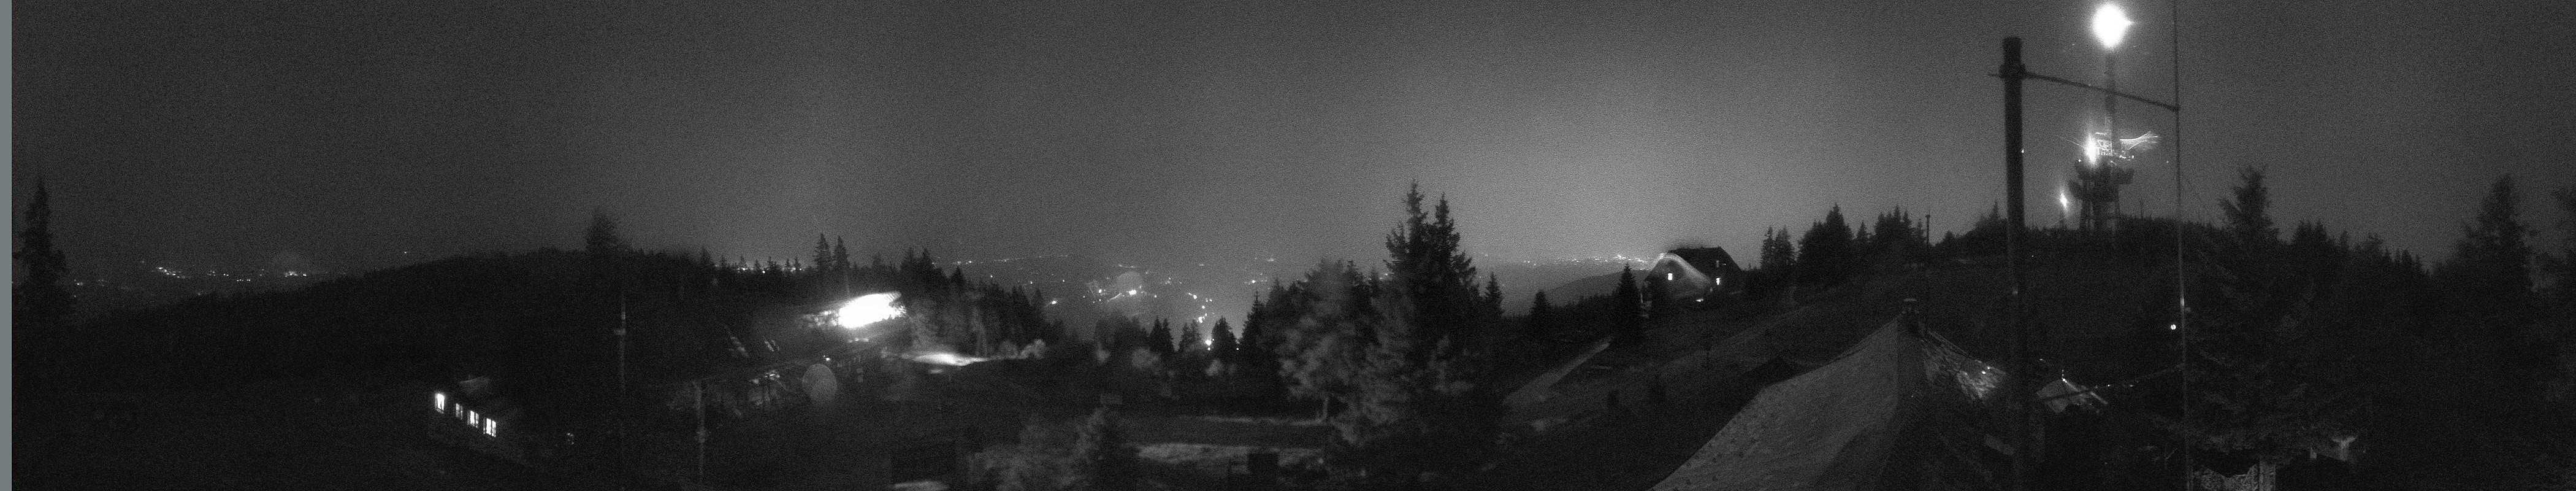 Panoramacam